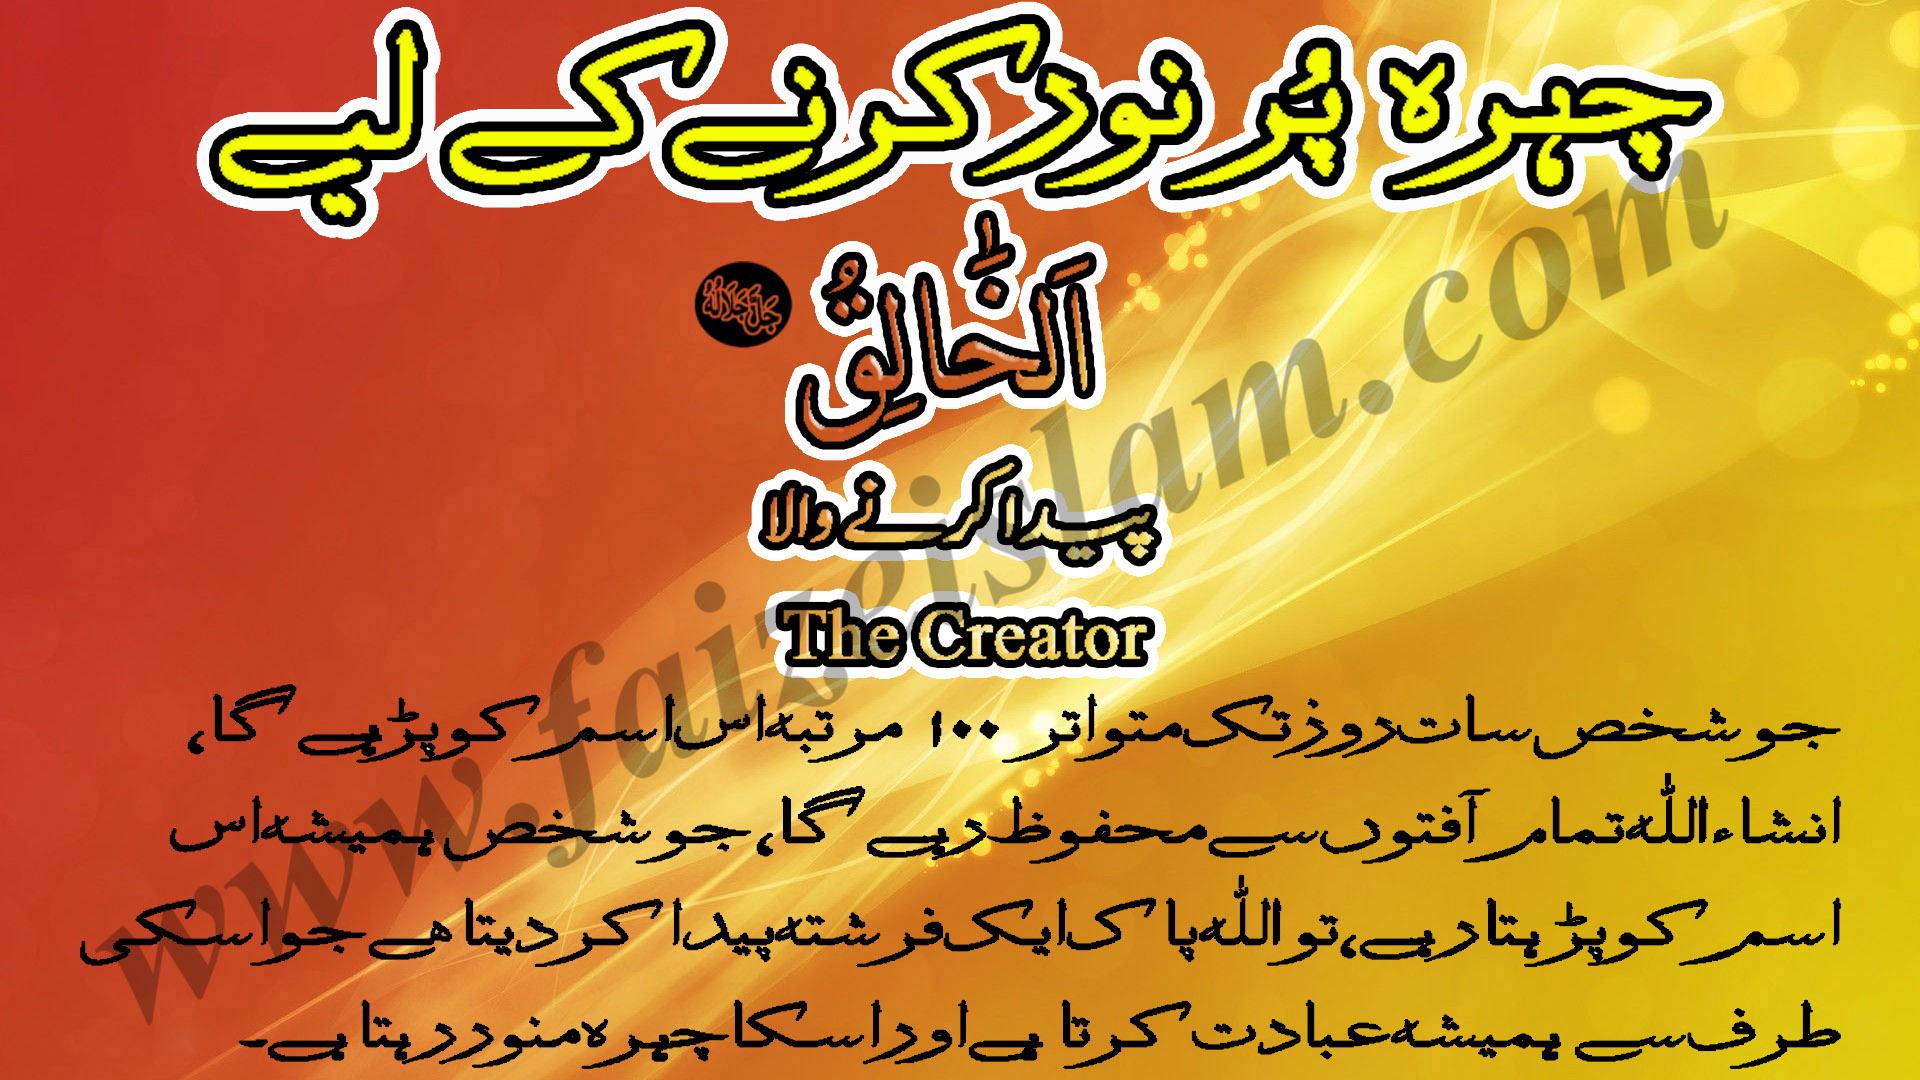 Chehra Purnoor Karne Ke Liye Wazaif In Urdu